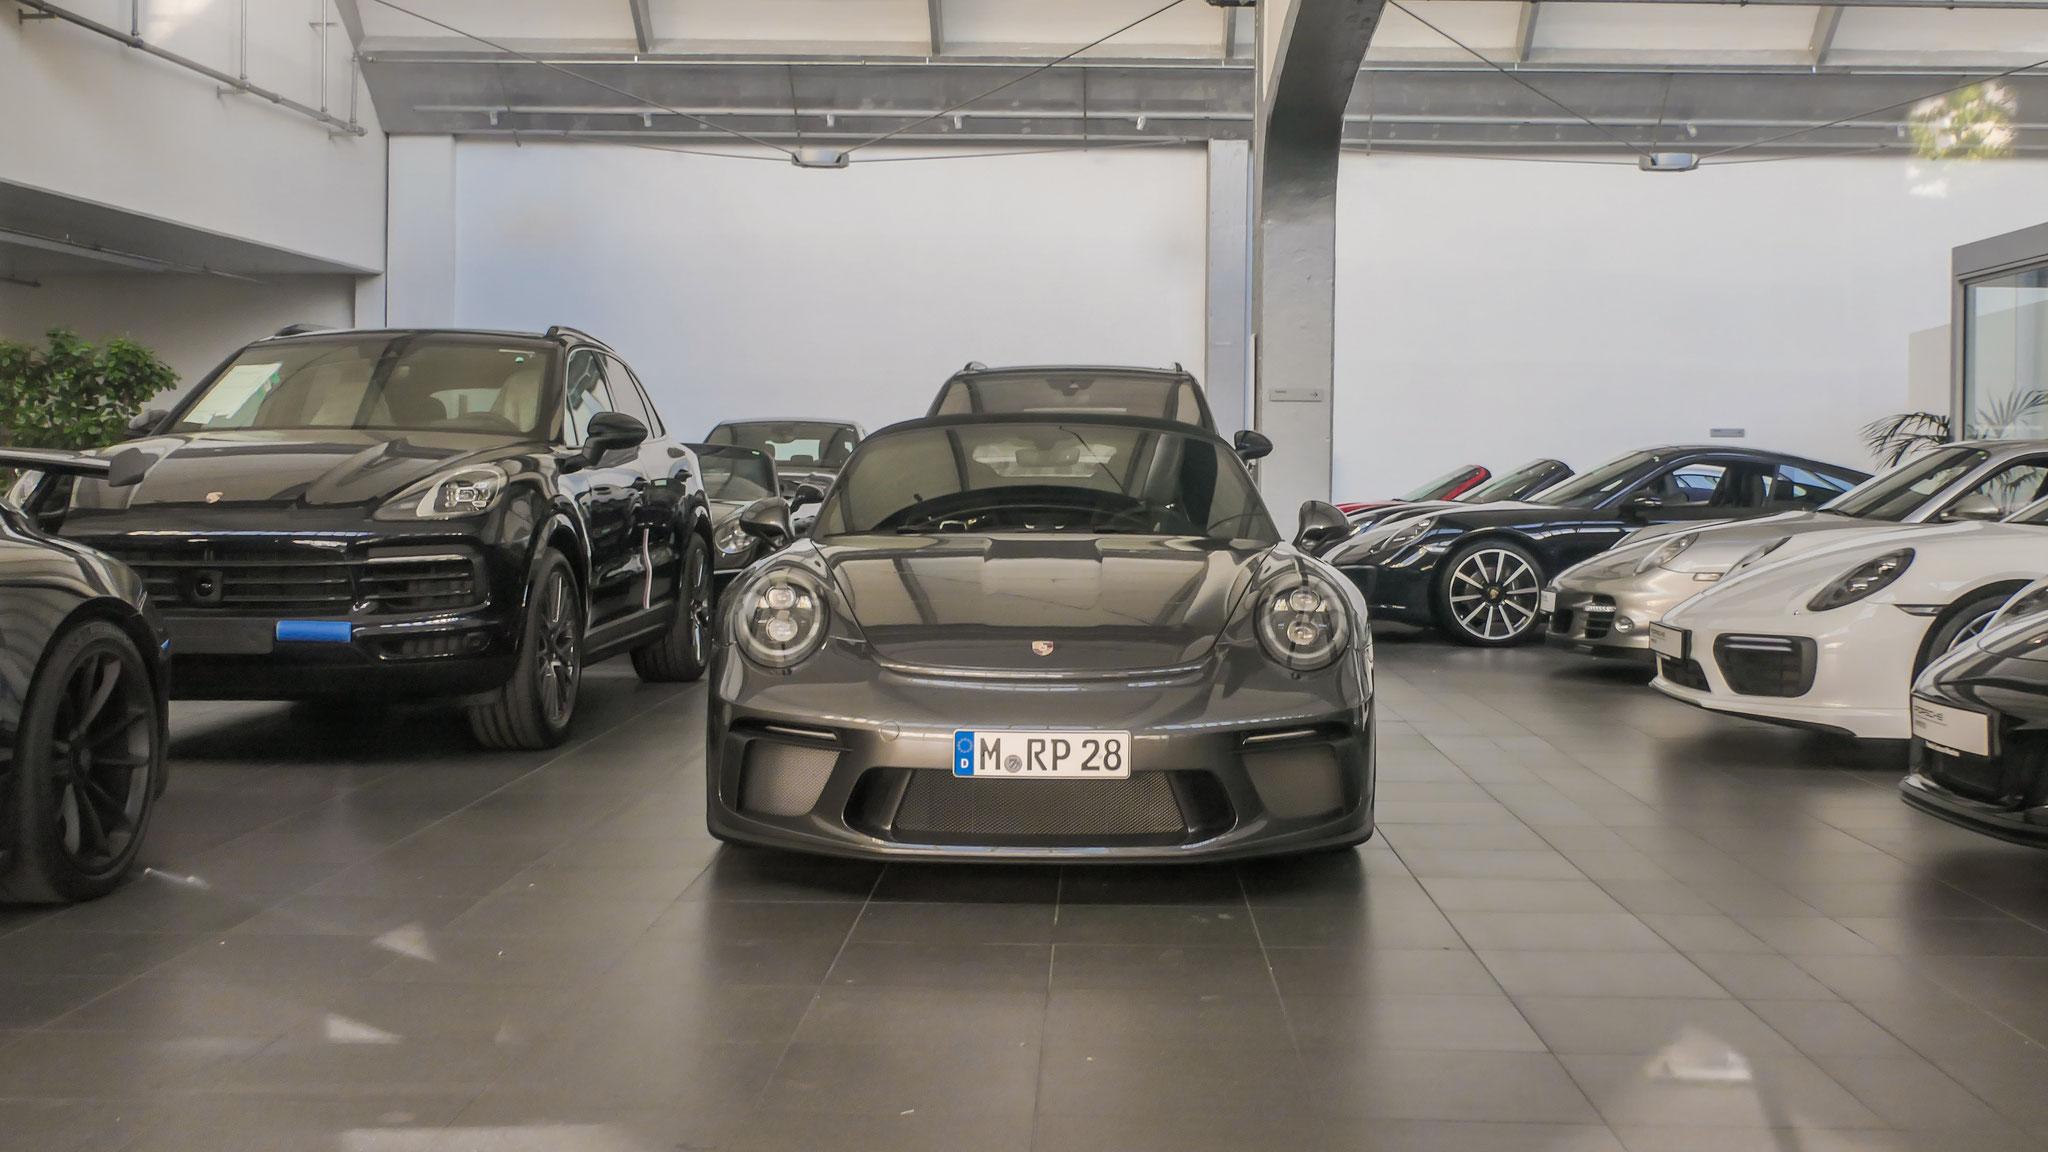 Porsche 991 GT3 - M-RP-28